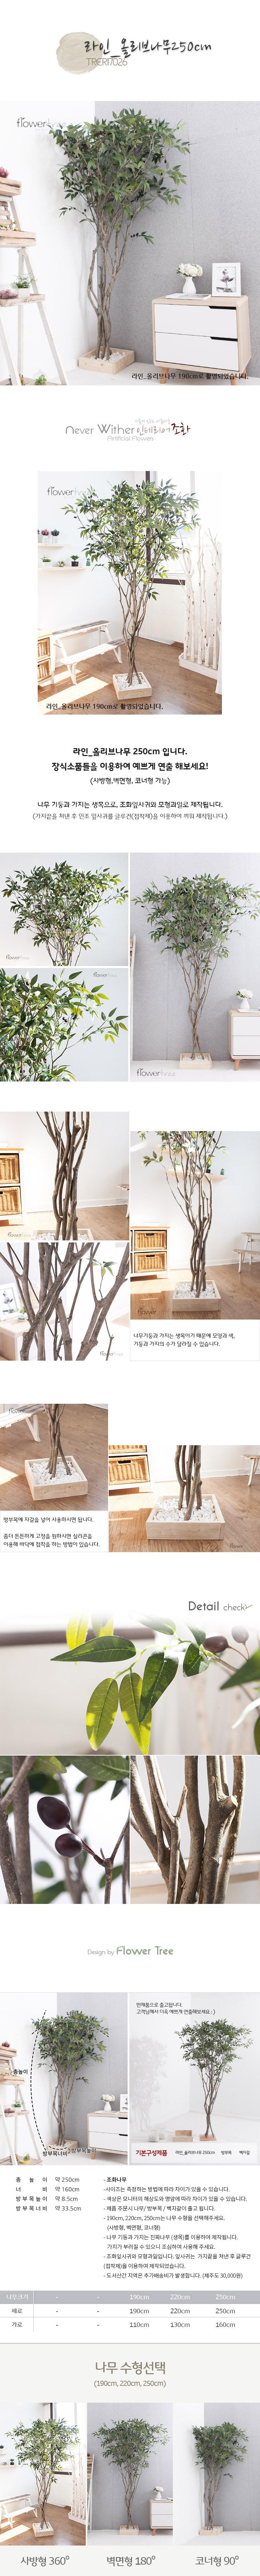 라인_올리브나무 250cm FREOFT - 플라워트리, 298,600원, 조화, 카네이션(조화)